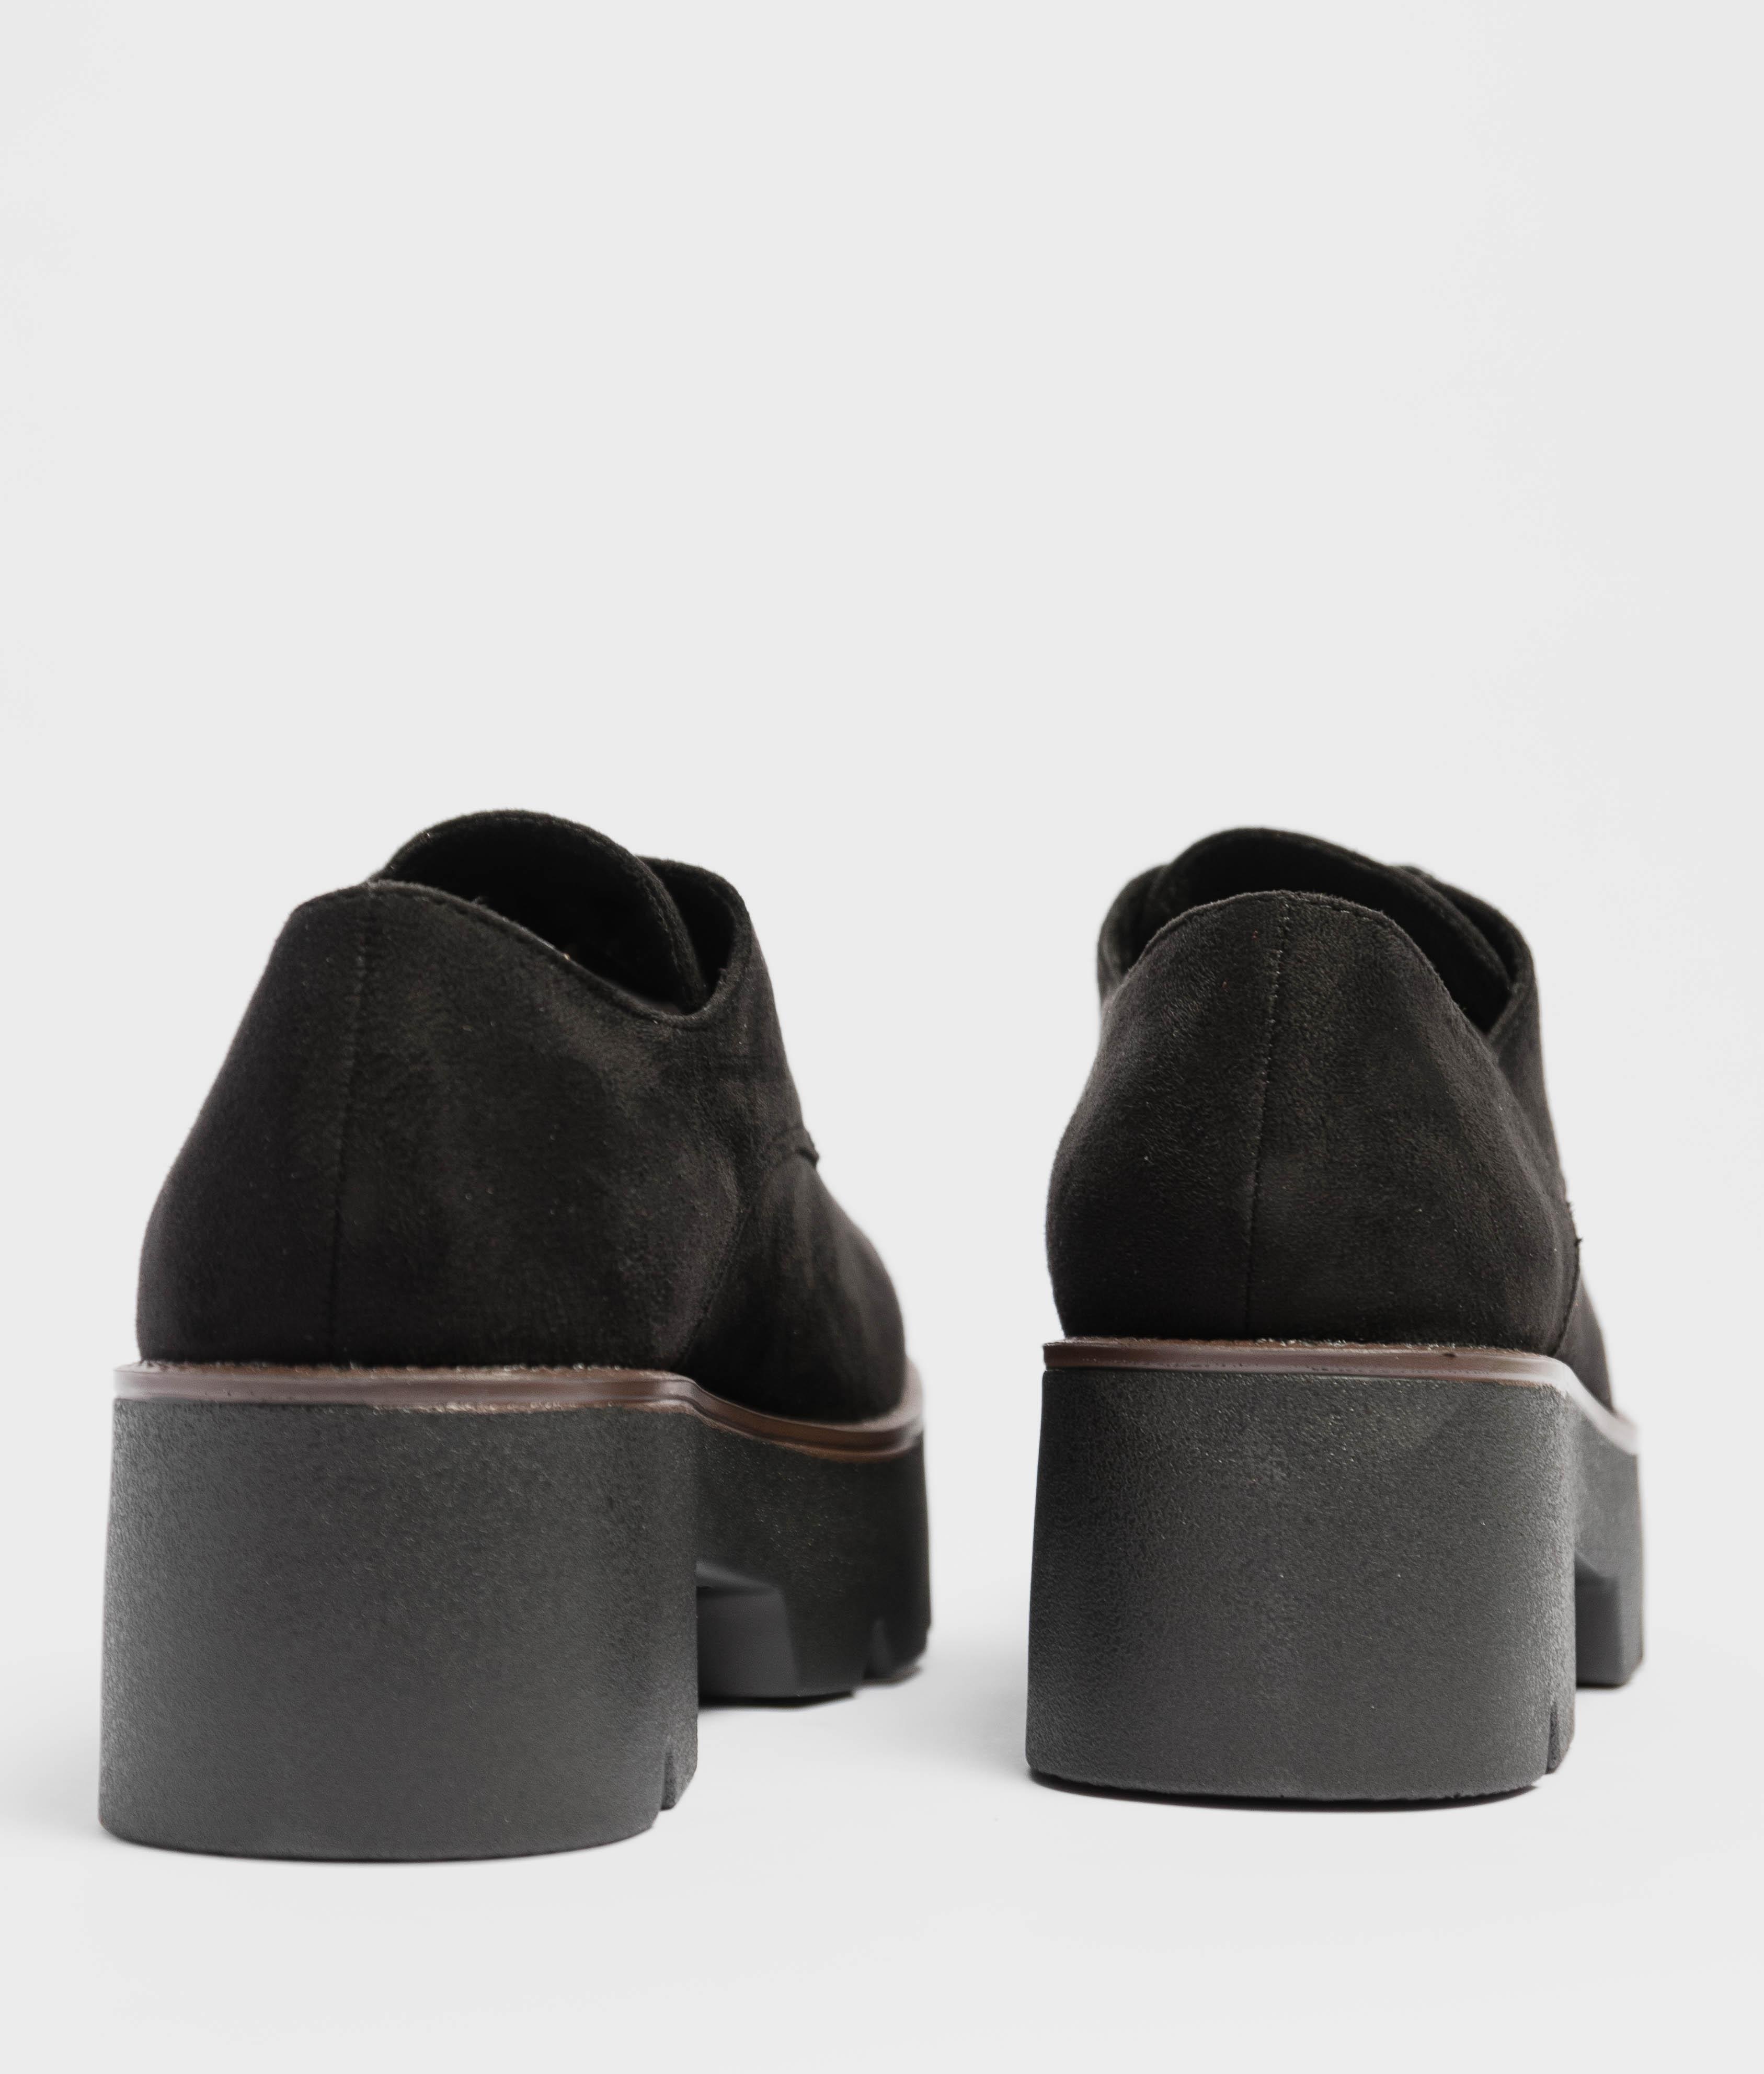 CIELA SHOE - BLACK